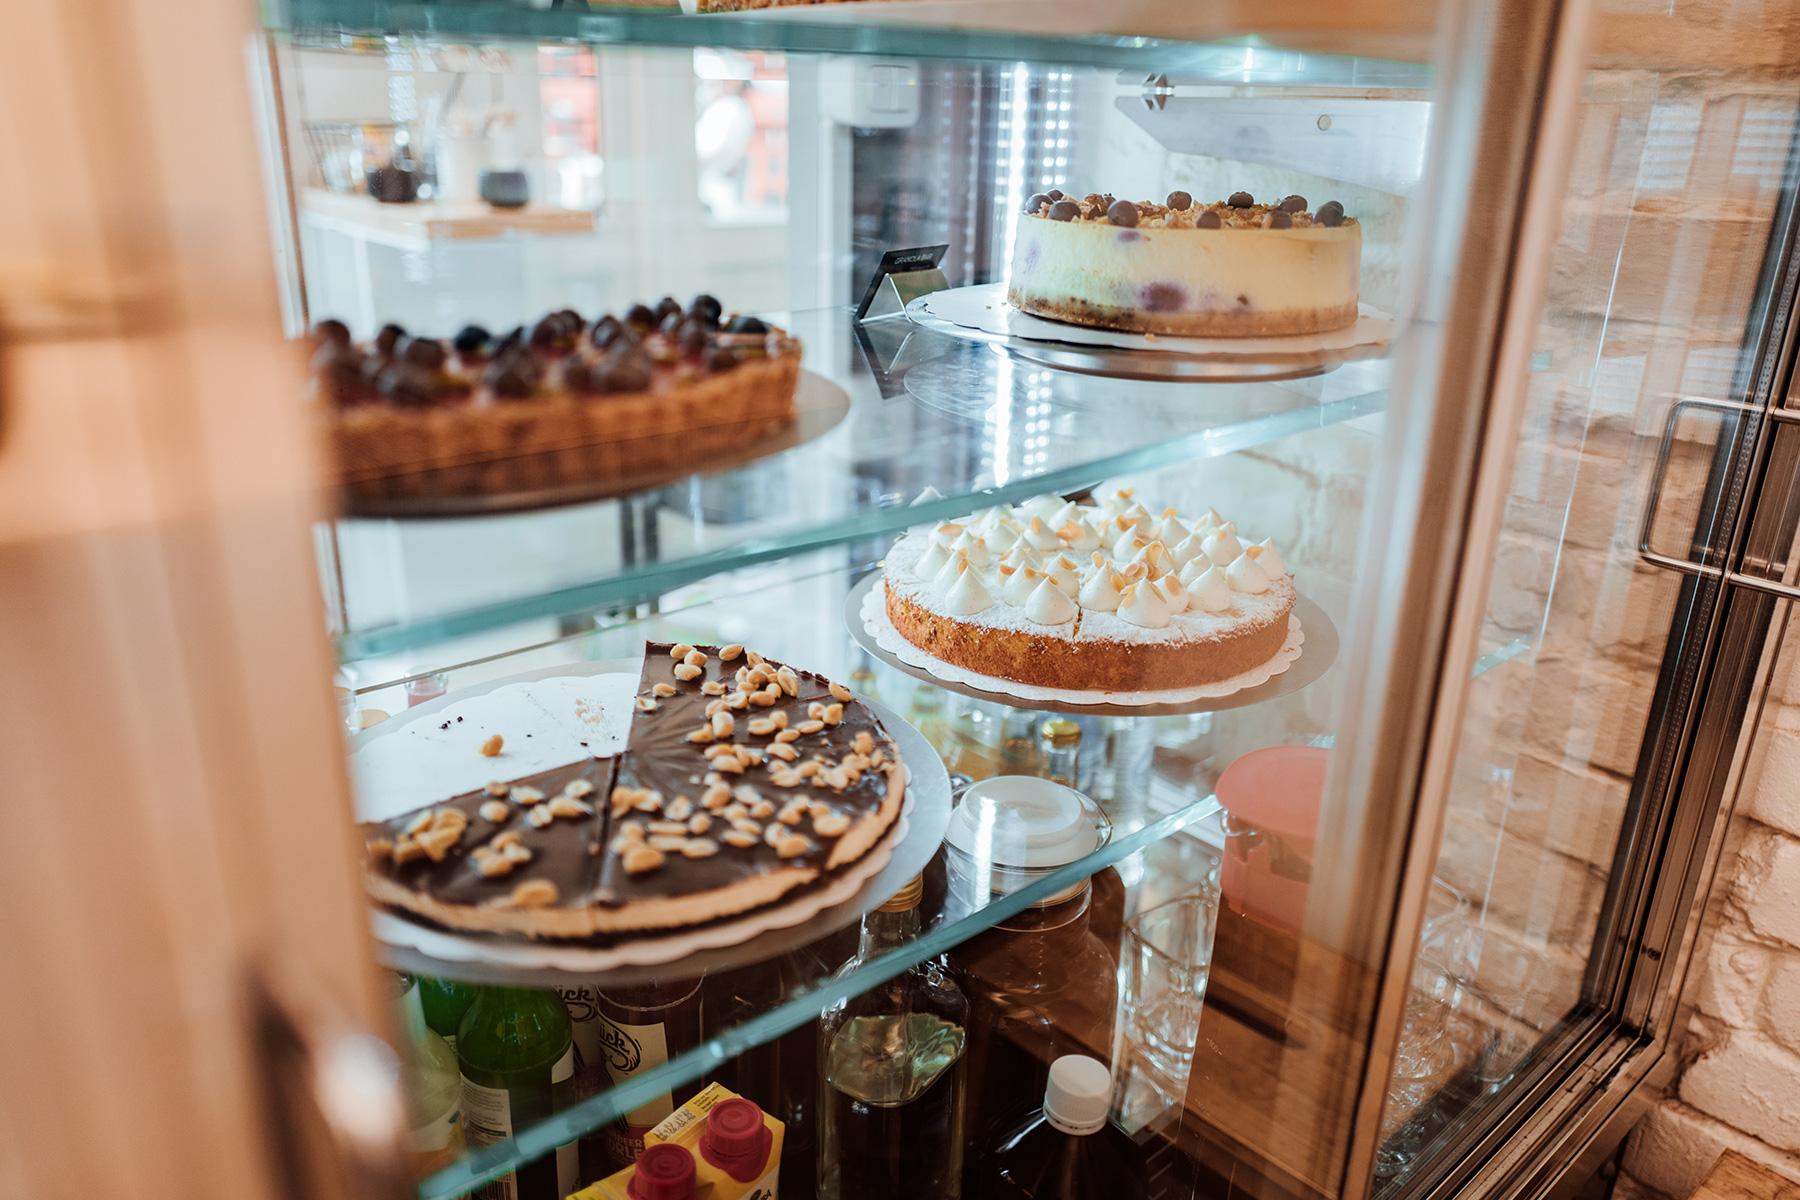 Die selbstgemachten Kuchen gibt es glutenfrei, vegan, gerne auch sehr fettig – immer lecker!